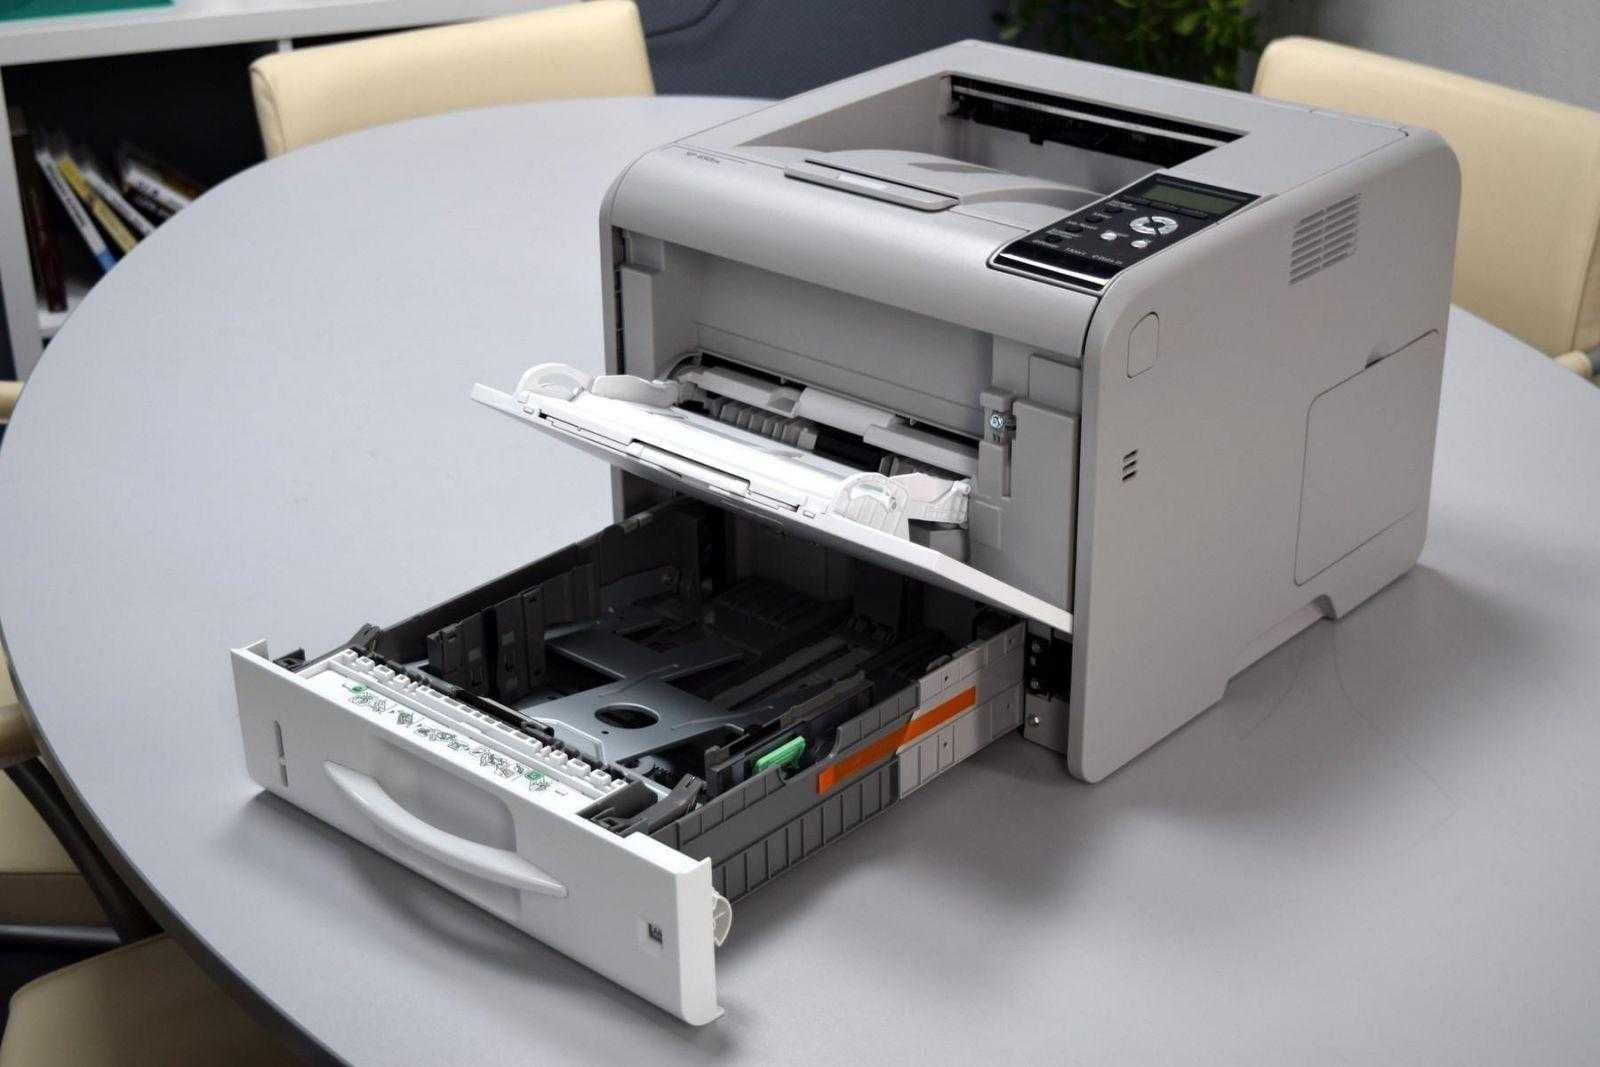 Обзор принтера Ricoh SP 450DN. Быстрая печать для офиса